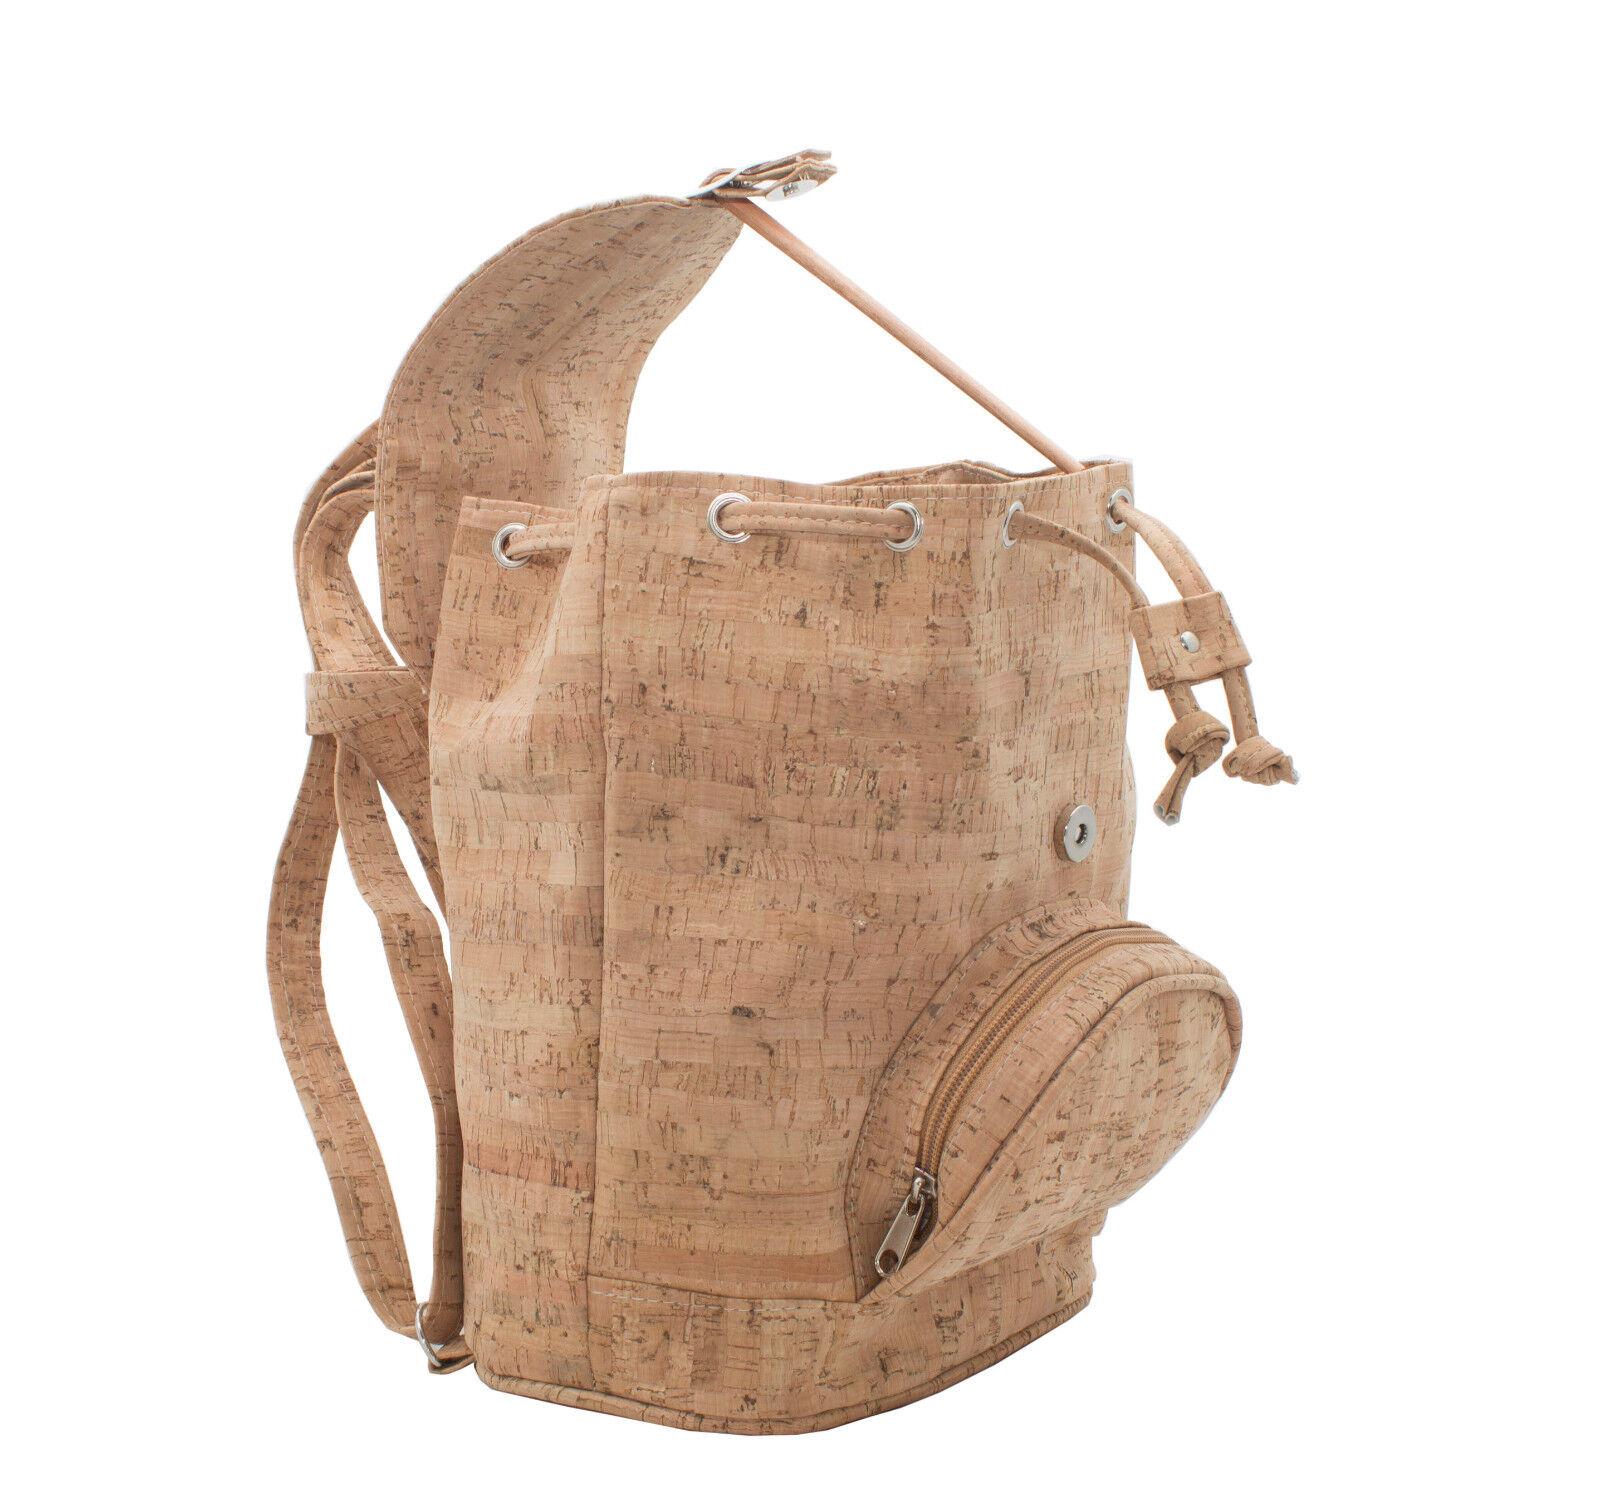 TAGUS OPEN, sac à dos en liège, size moyenne,  eco-friendly. VEGAN